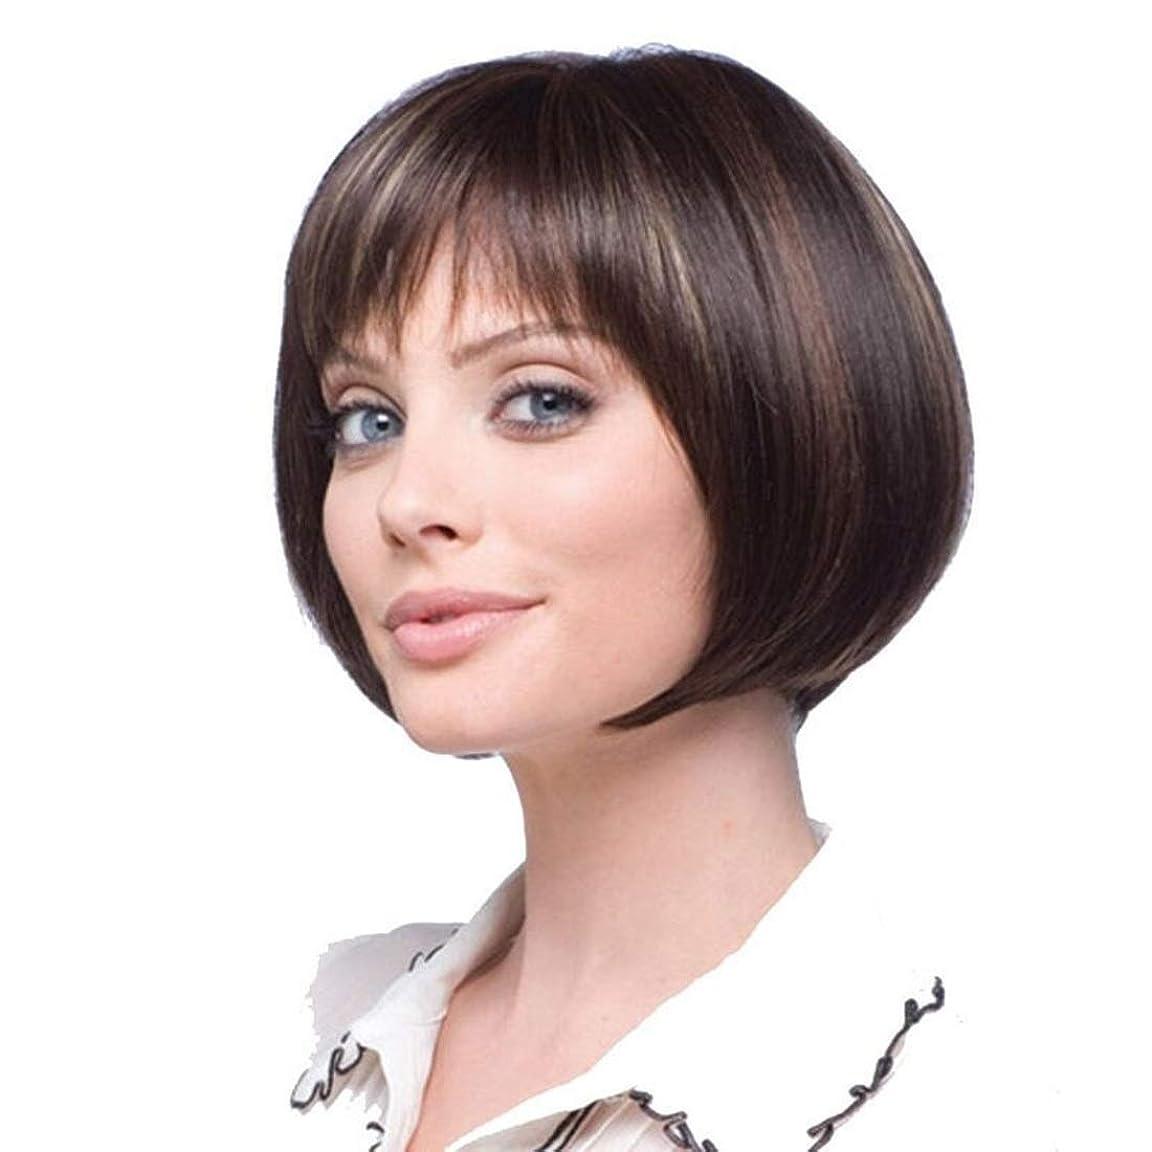 家具クラスありそうSummerys ショートボブの髪ウィッグストレート前髪付き合成カラフルなコスプレデイリーパーティーウィッグ本物の髪として自然な女性のための